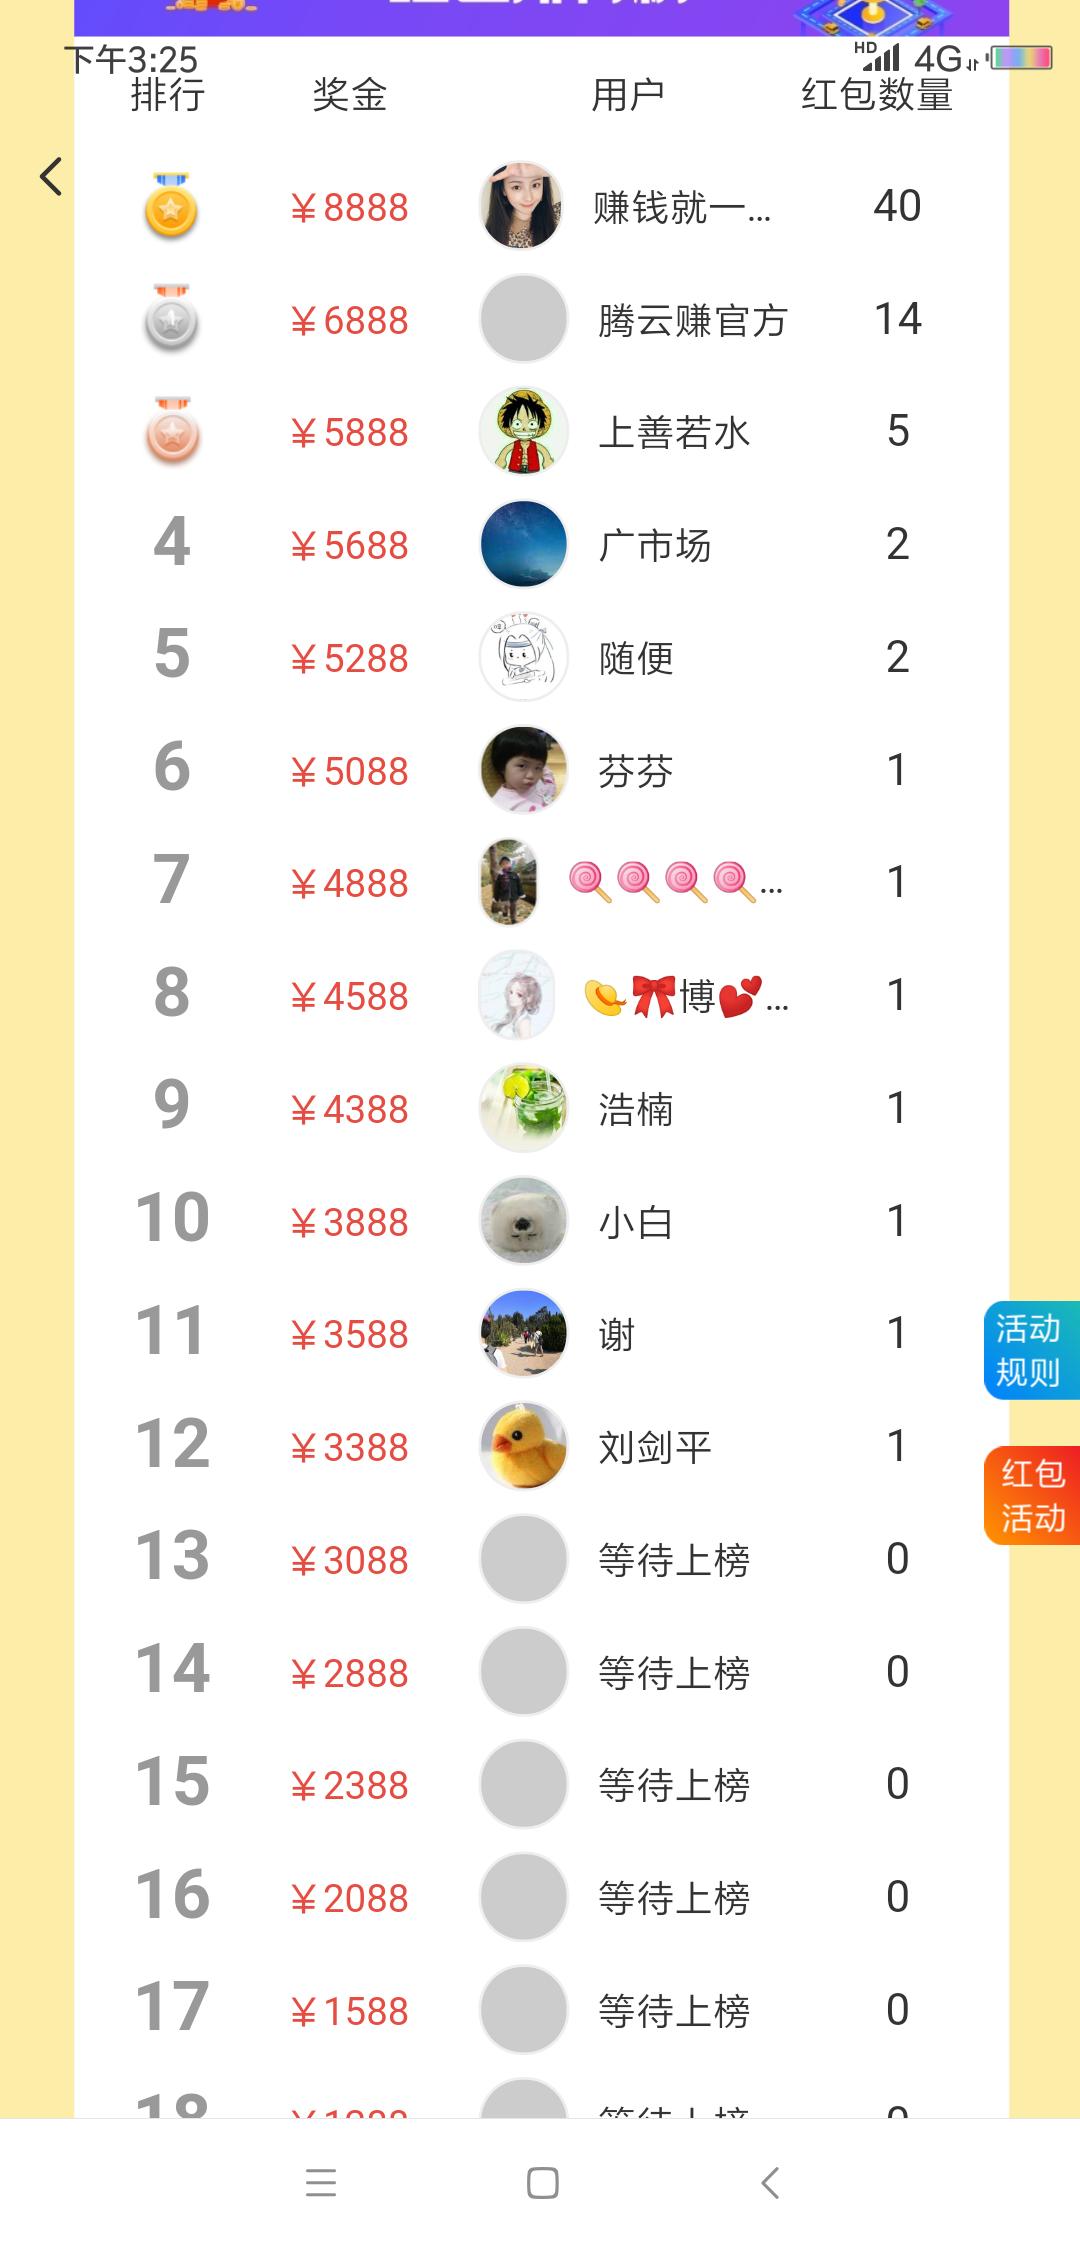 腾云赚上线排行榜活动,8万大奖等你来领 手机应用 第4张